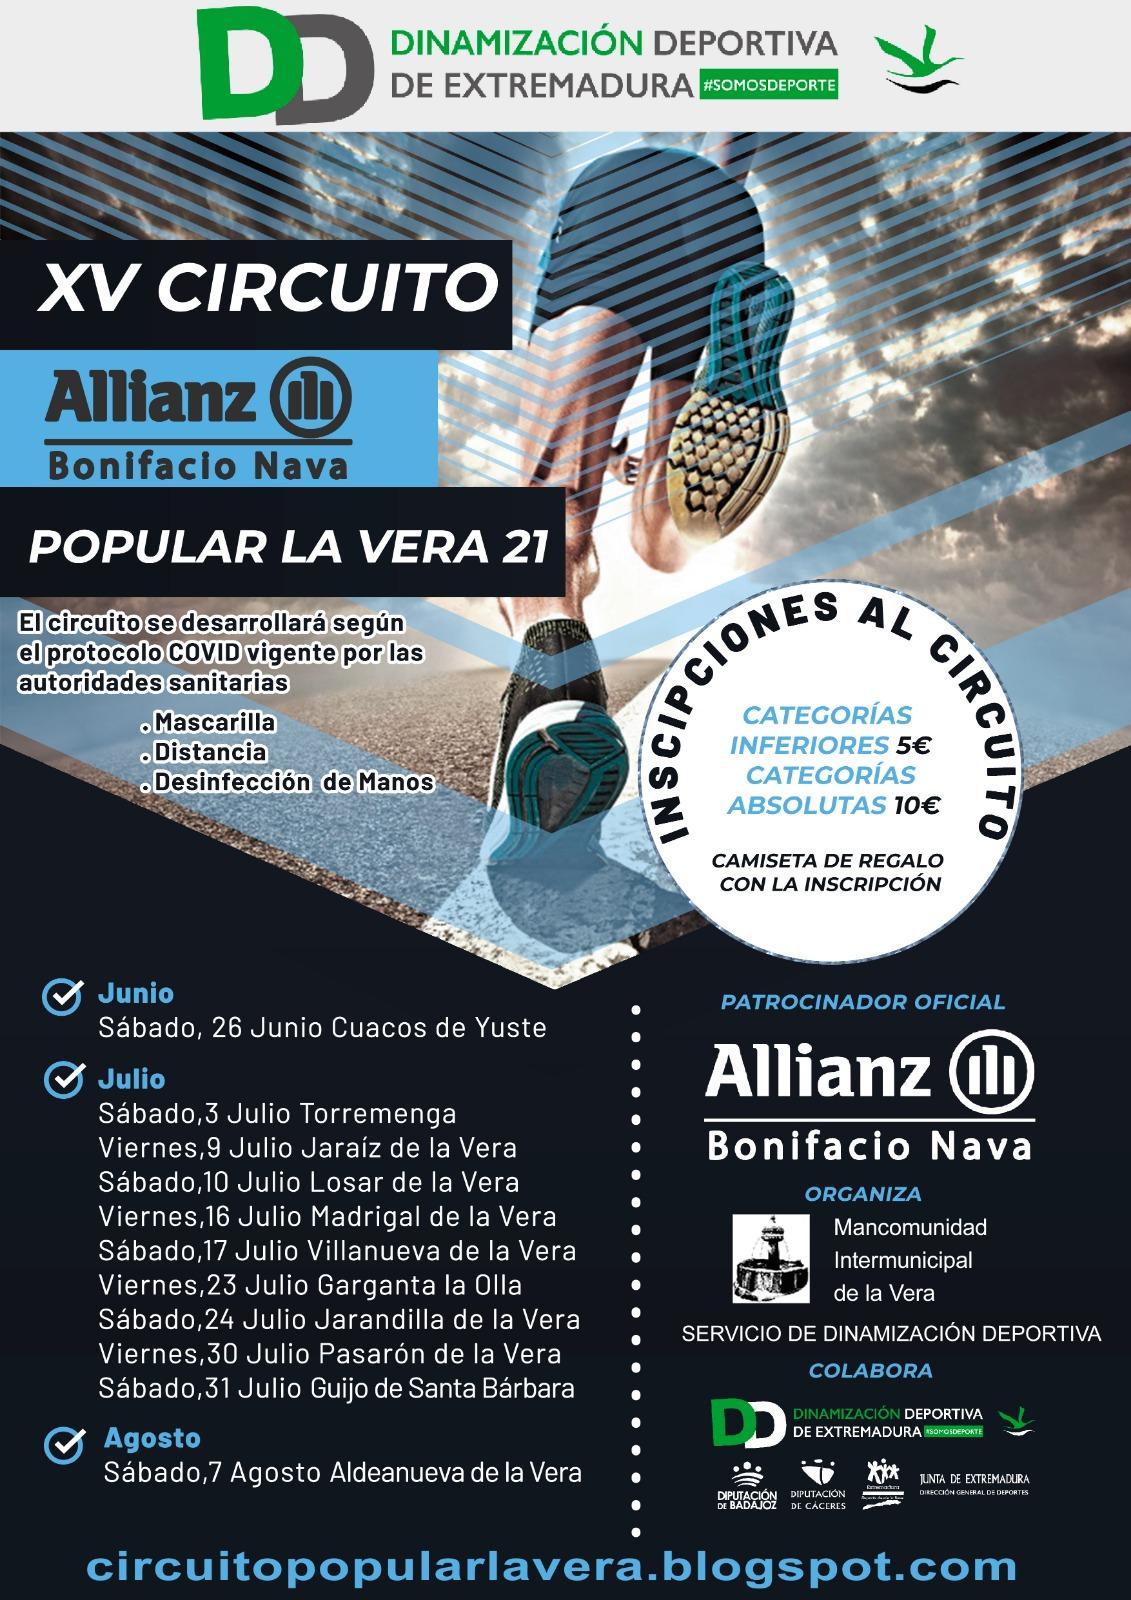 XV EDICIÓN CIRCUITO POPULAR LA VERA